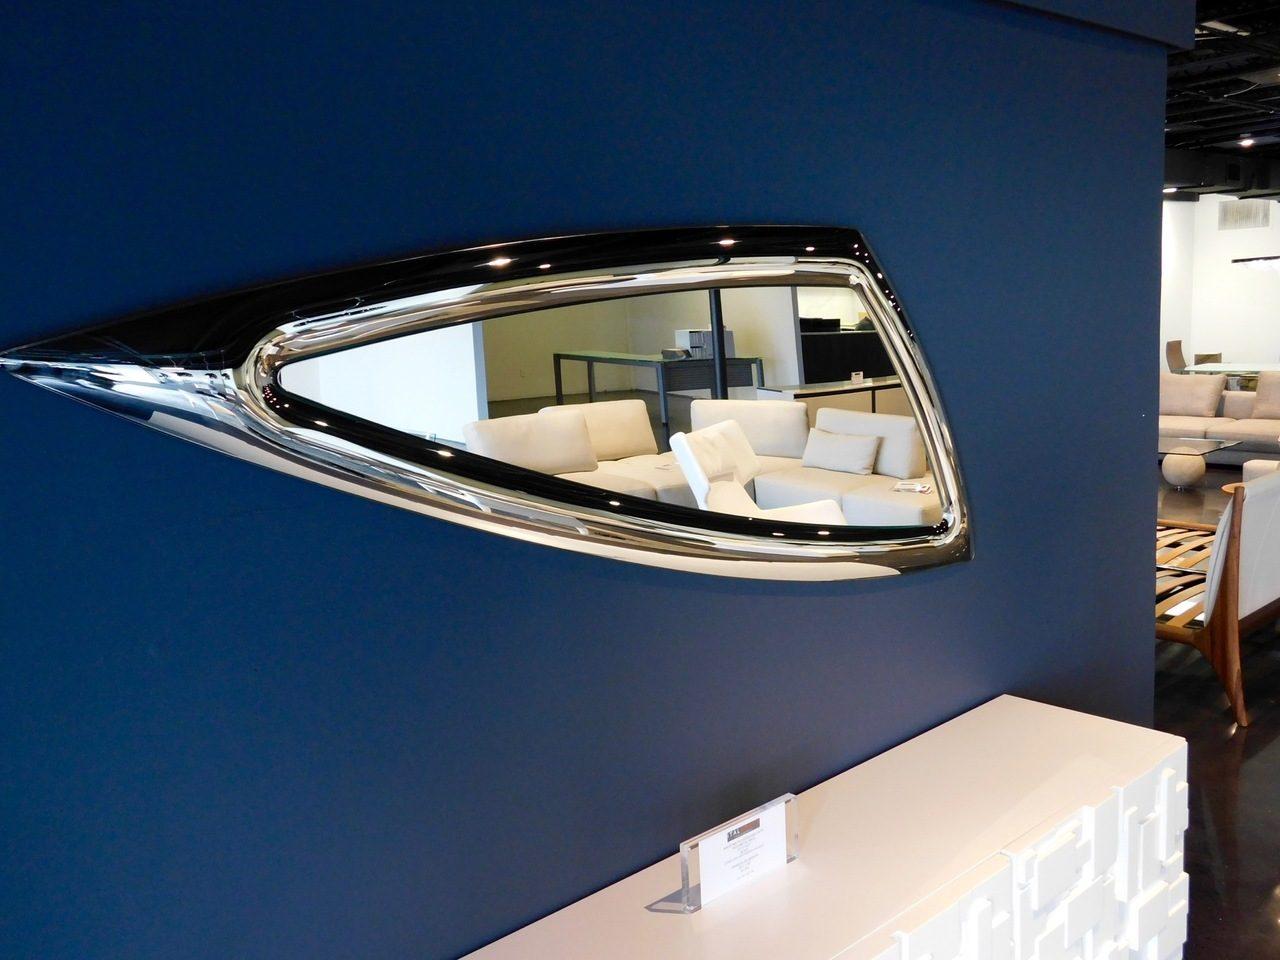 Meubles portes placards cuisine salon salle de bain miami for Porte de placard meuble salle de bain